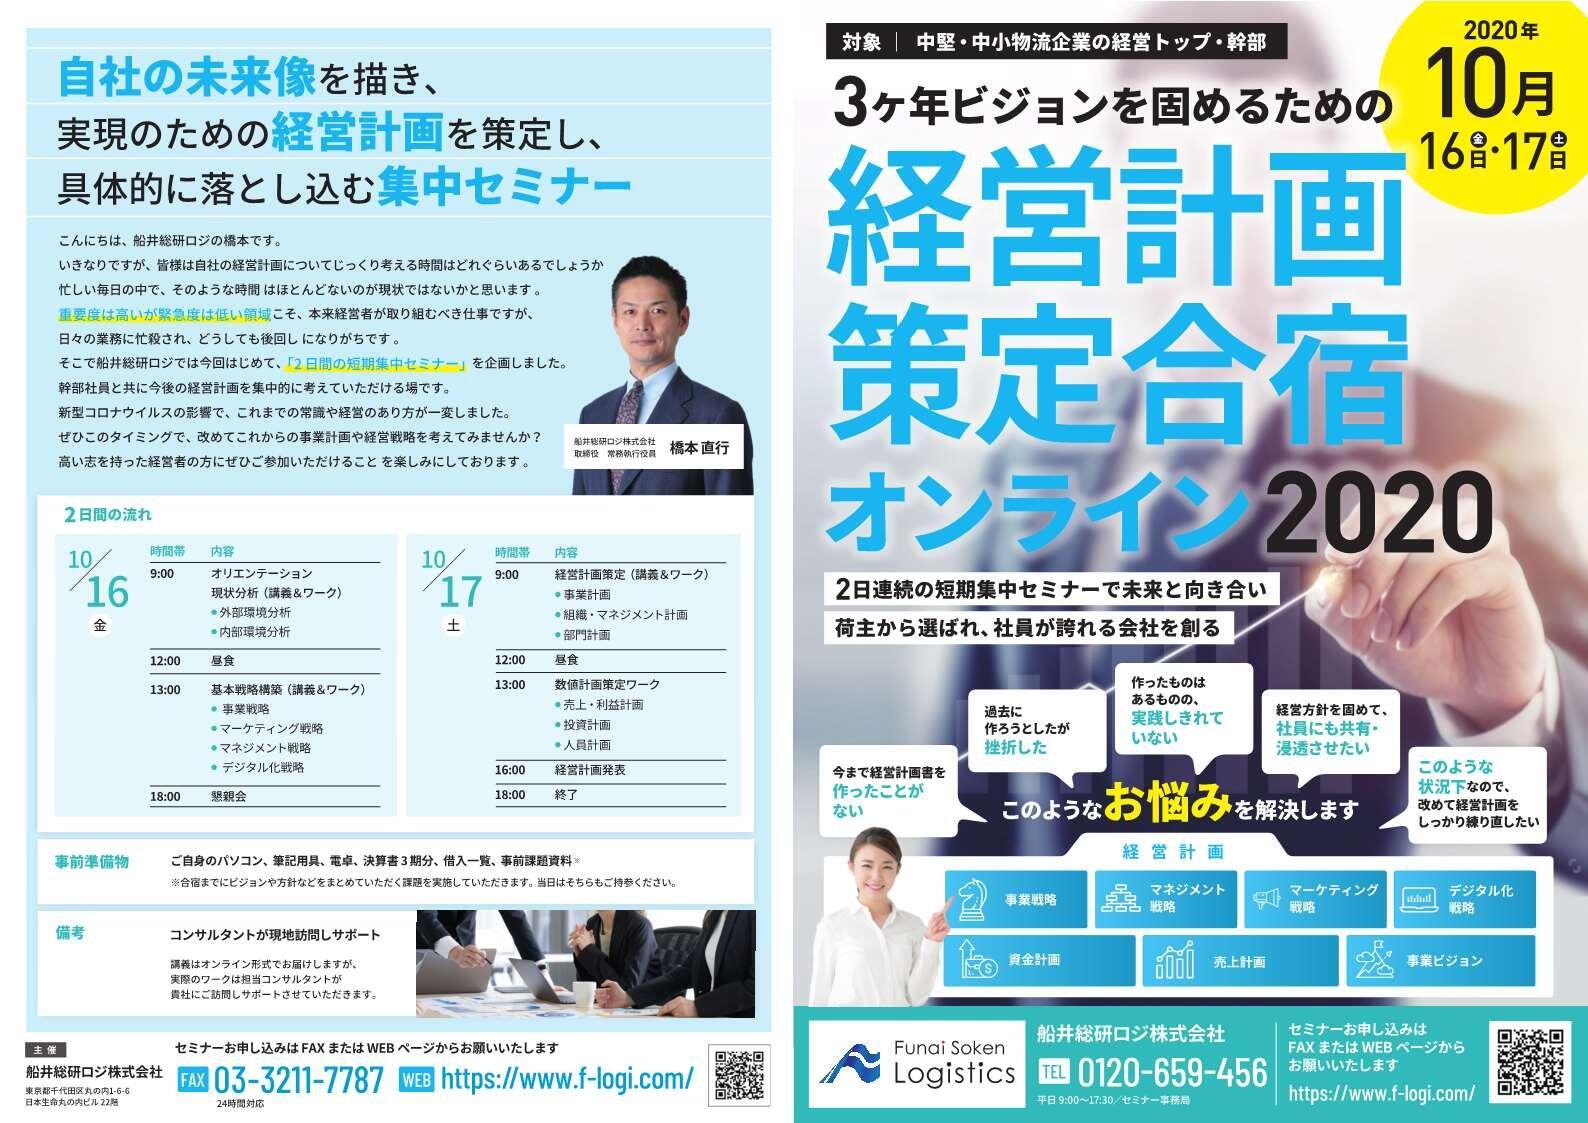 船井総研ロジ株式会社「3ヶ年ビジョンを固めるための経営計画策定セミナー2020(1日目)」